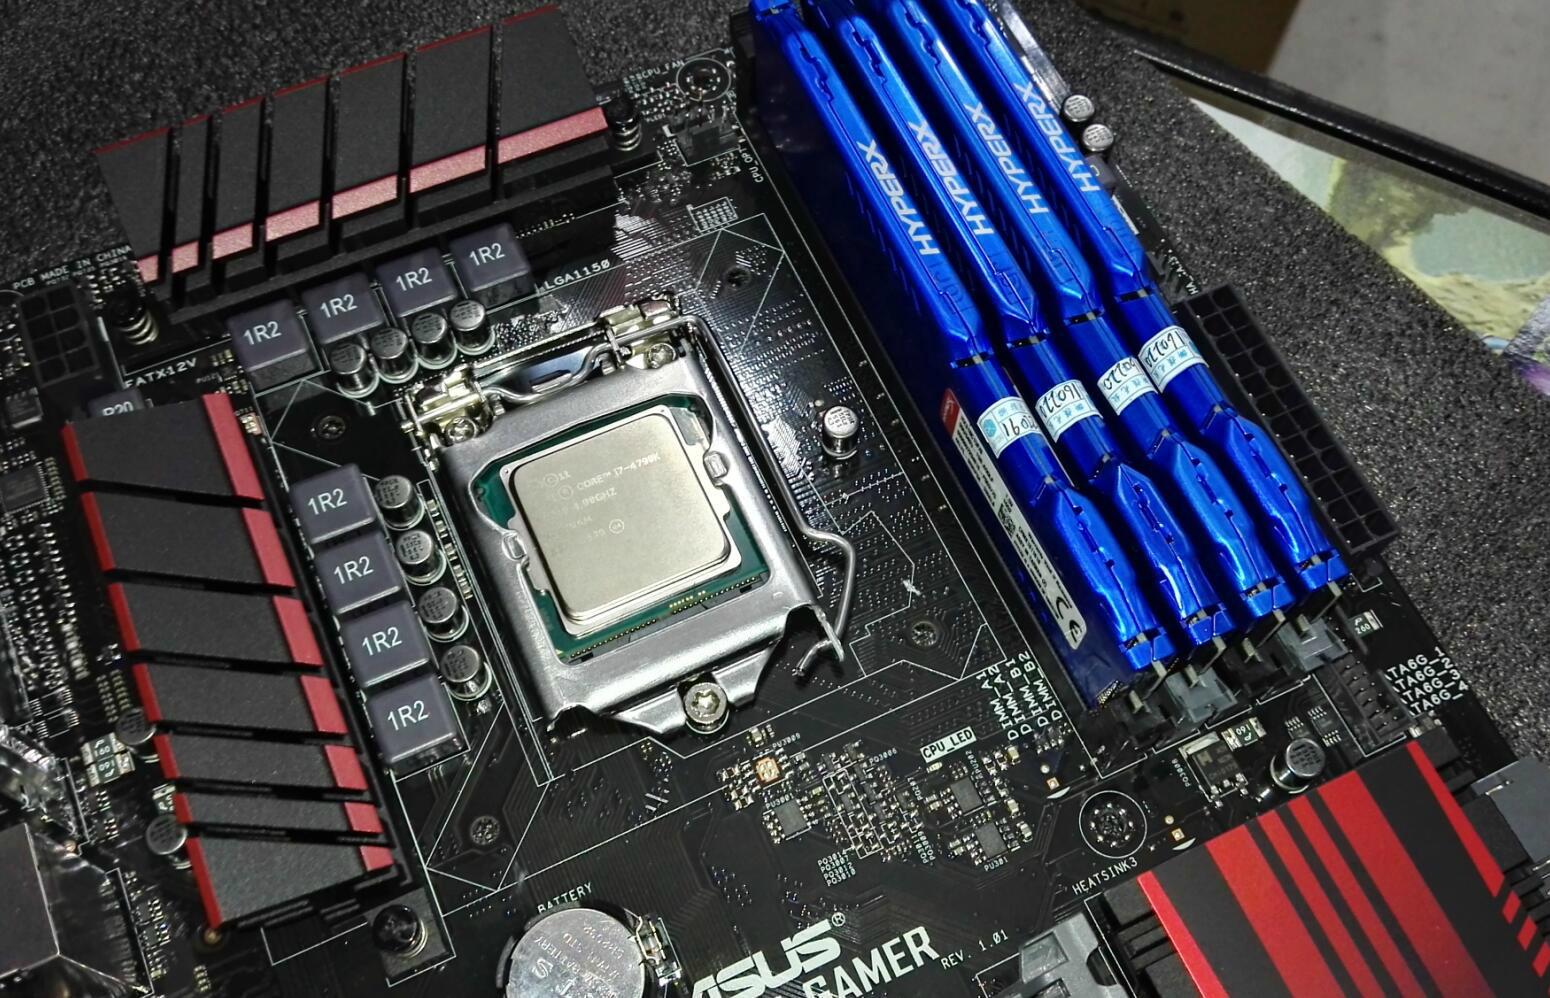 电脑维仺/k�.�_高端发烧友电脑i7-4790k影驰gtx980 名人堂实测效果图